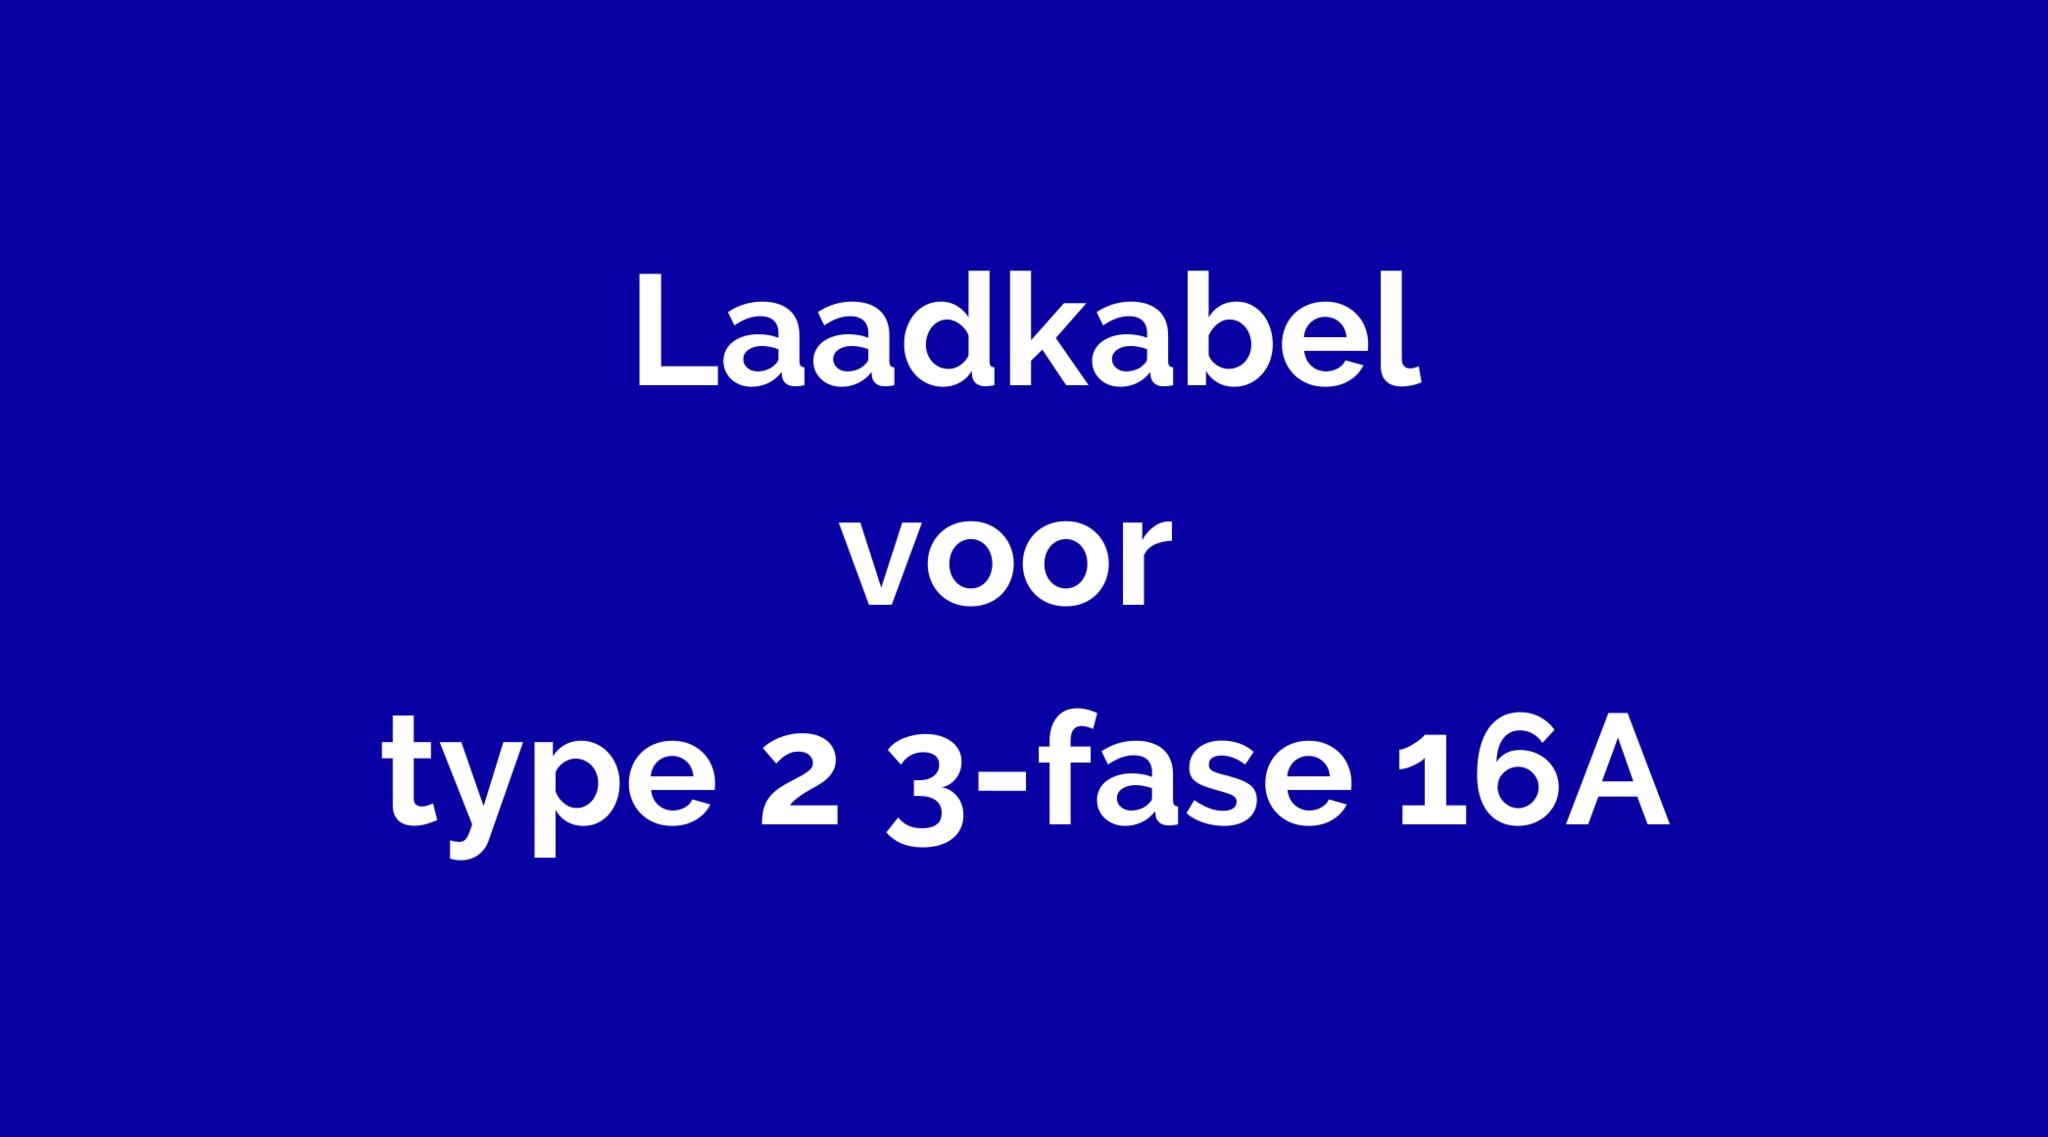 Type 2 Mennekes 3-fase 16A